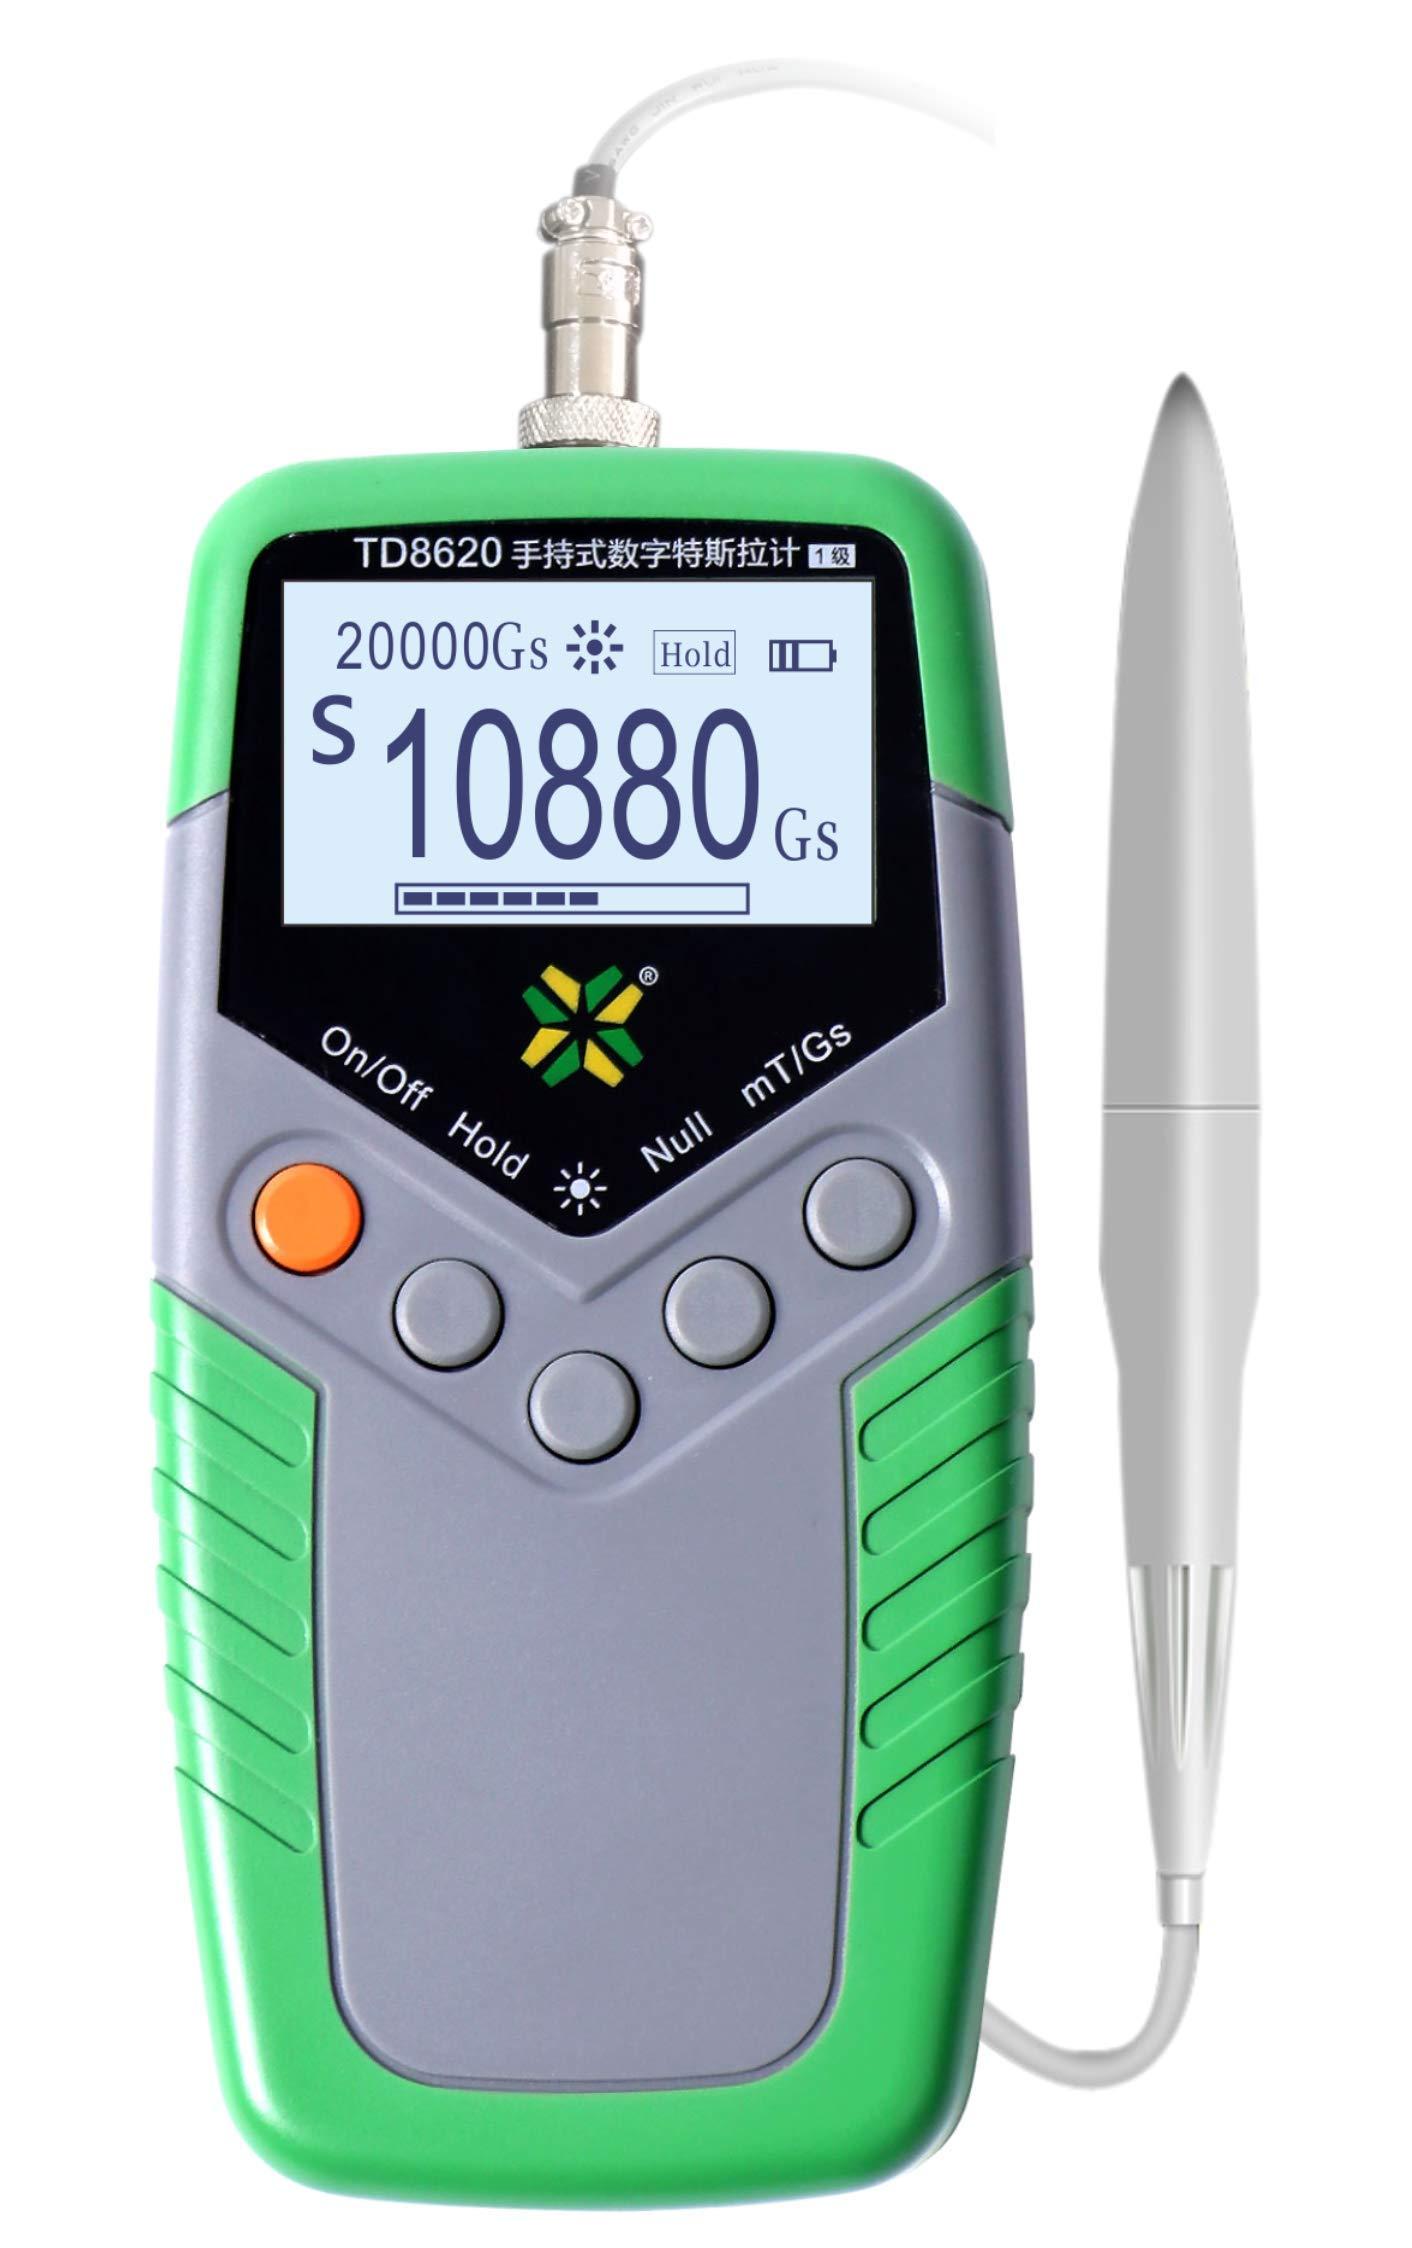 MeterTo Digital Handheld Digital Tesla Meter TD8620-5 Gauss Meter 200 mT - 2000 mT Accuracy ±5%